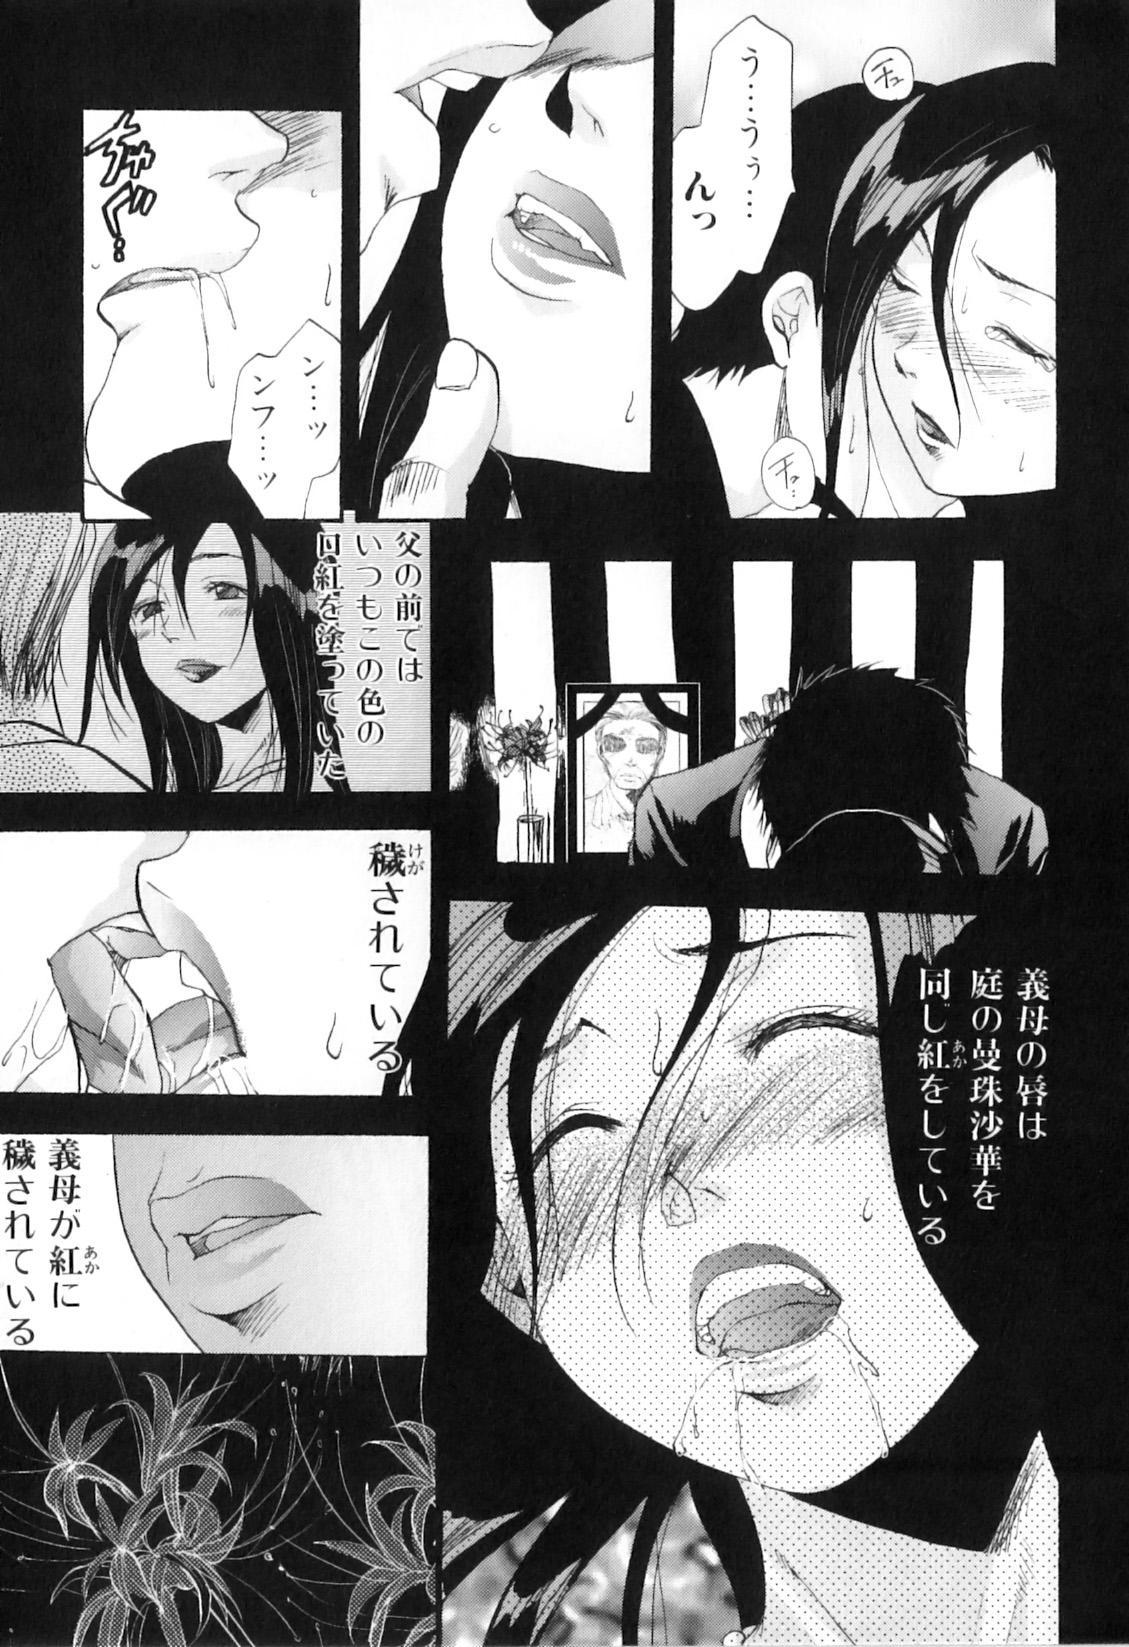 Yokujou Boshi - Desire Mother and Child 104